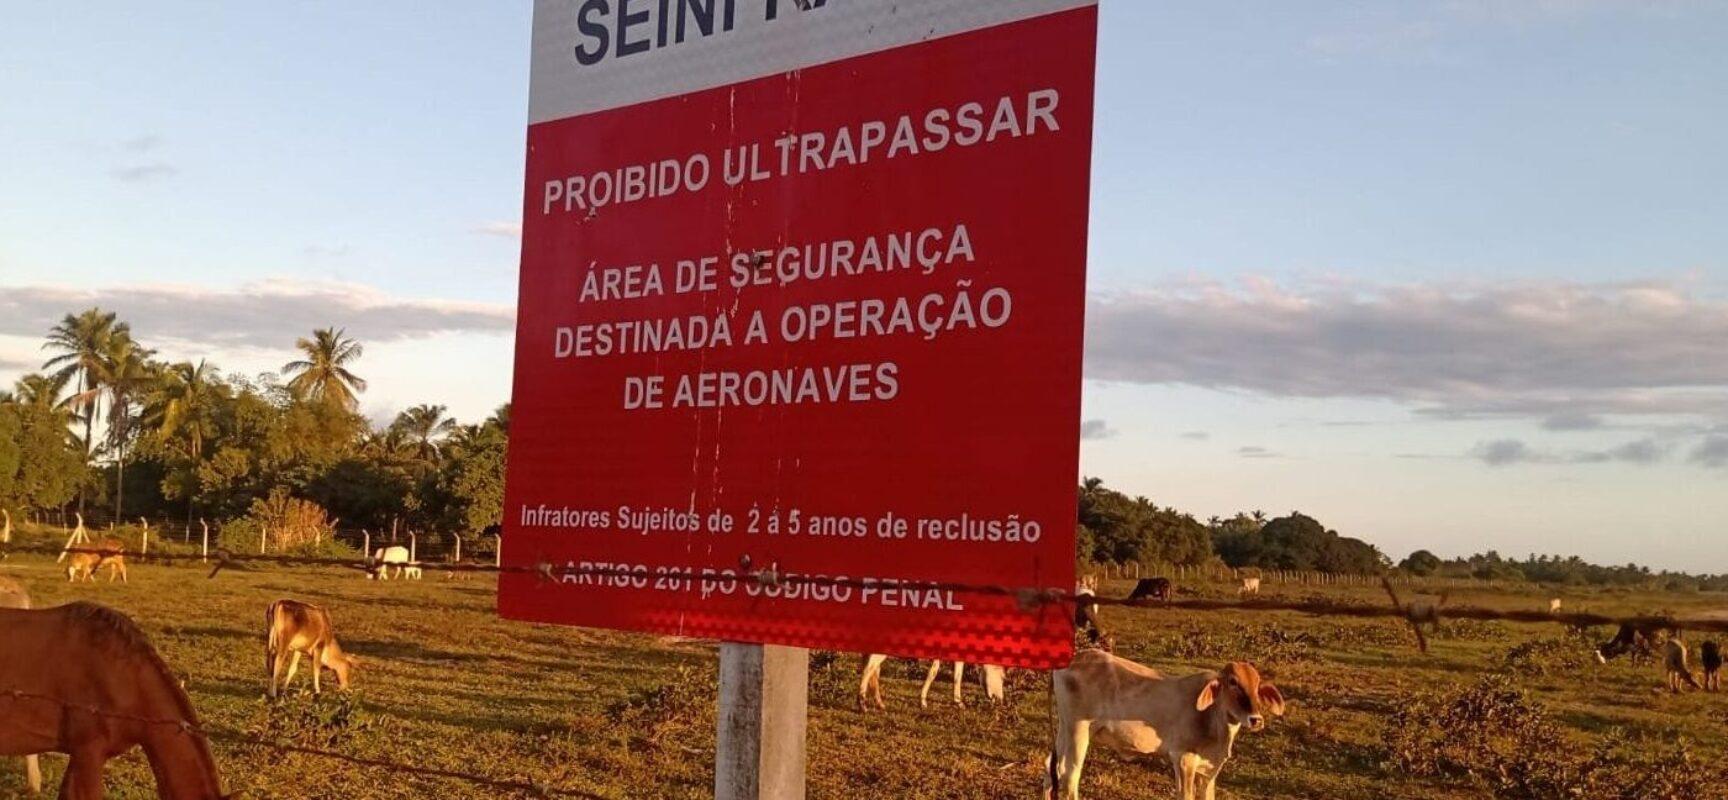 BELMONTE: Interditado, aeroporto no sul da Bahia vira pasto para vacas e cavalos